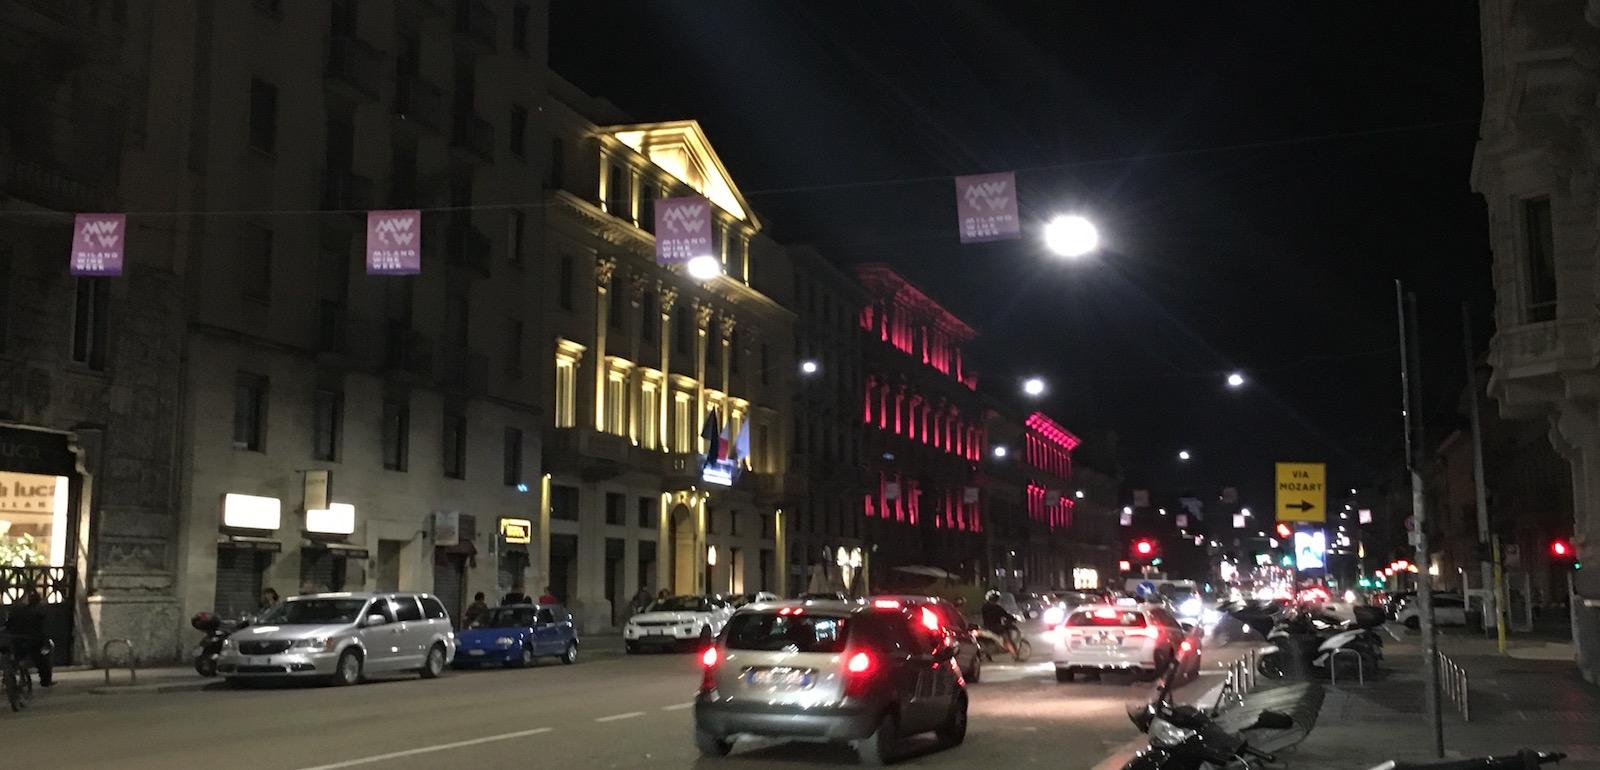 La città dove ho vissuto la maggior parte della mia vita, Milano.